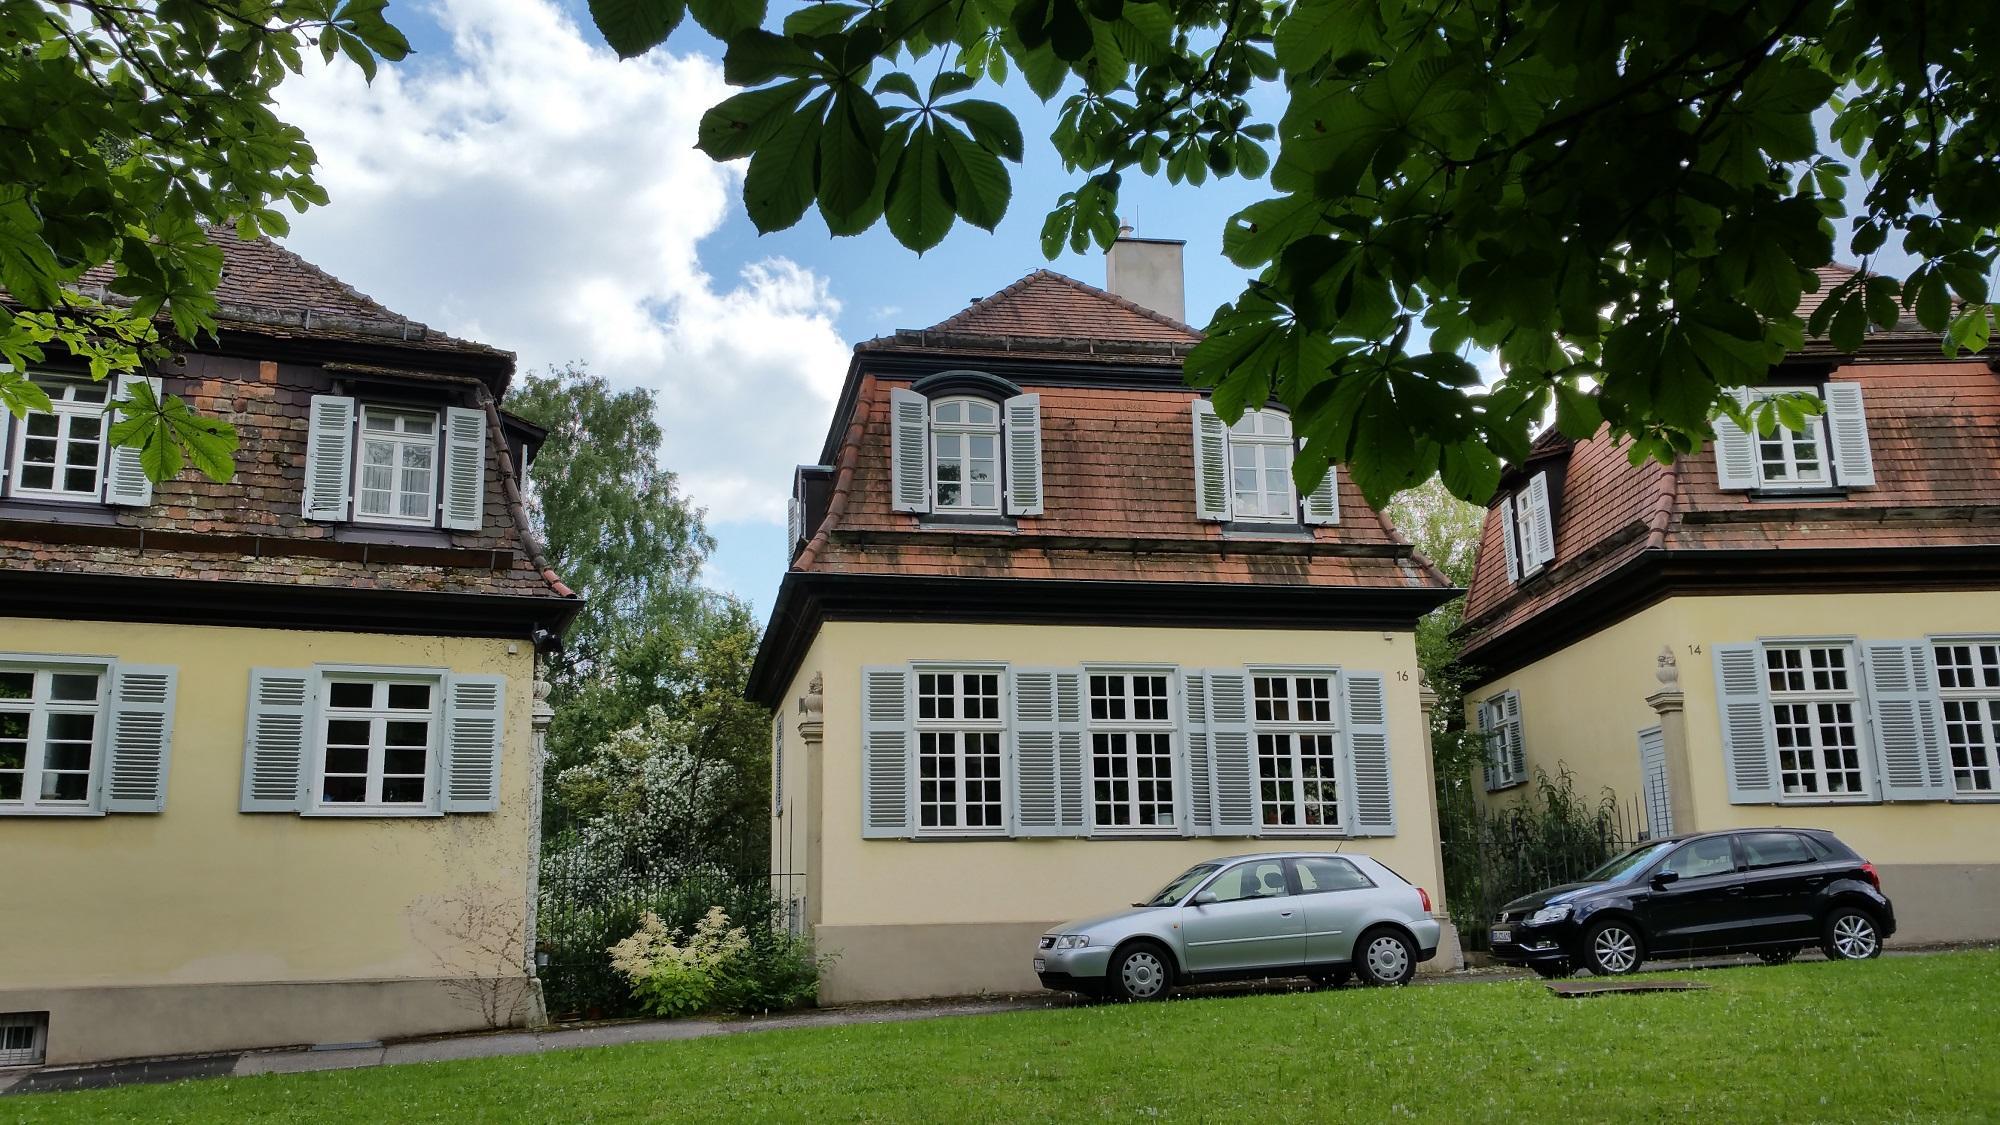 Kavaliershäuschen auf Schloss Solitude, Haus Nr. 16 wurde von Familie Schiller bewohnt (c) Andrea Hahn | Text & Presse